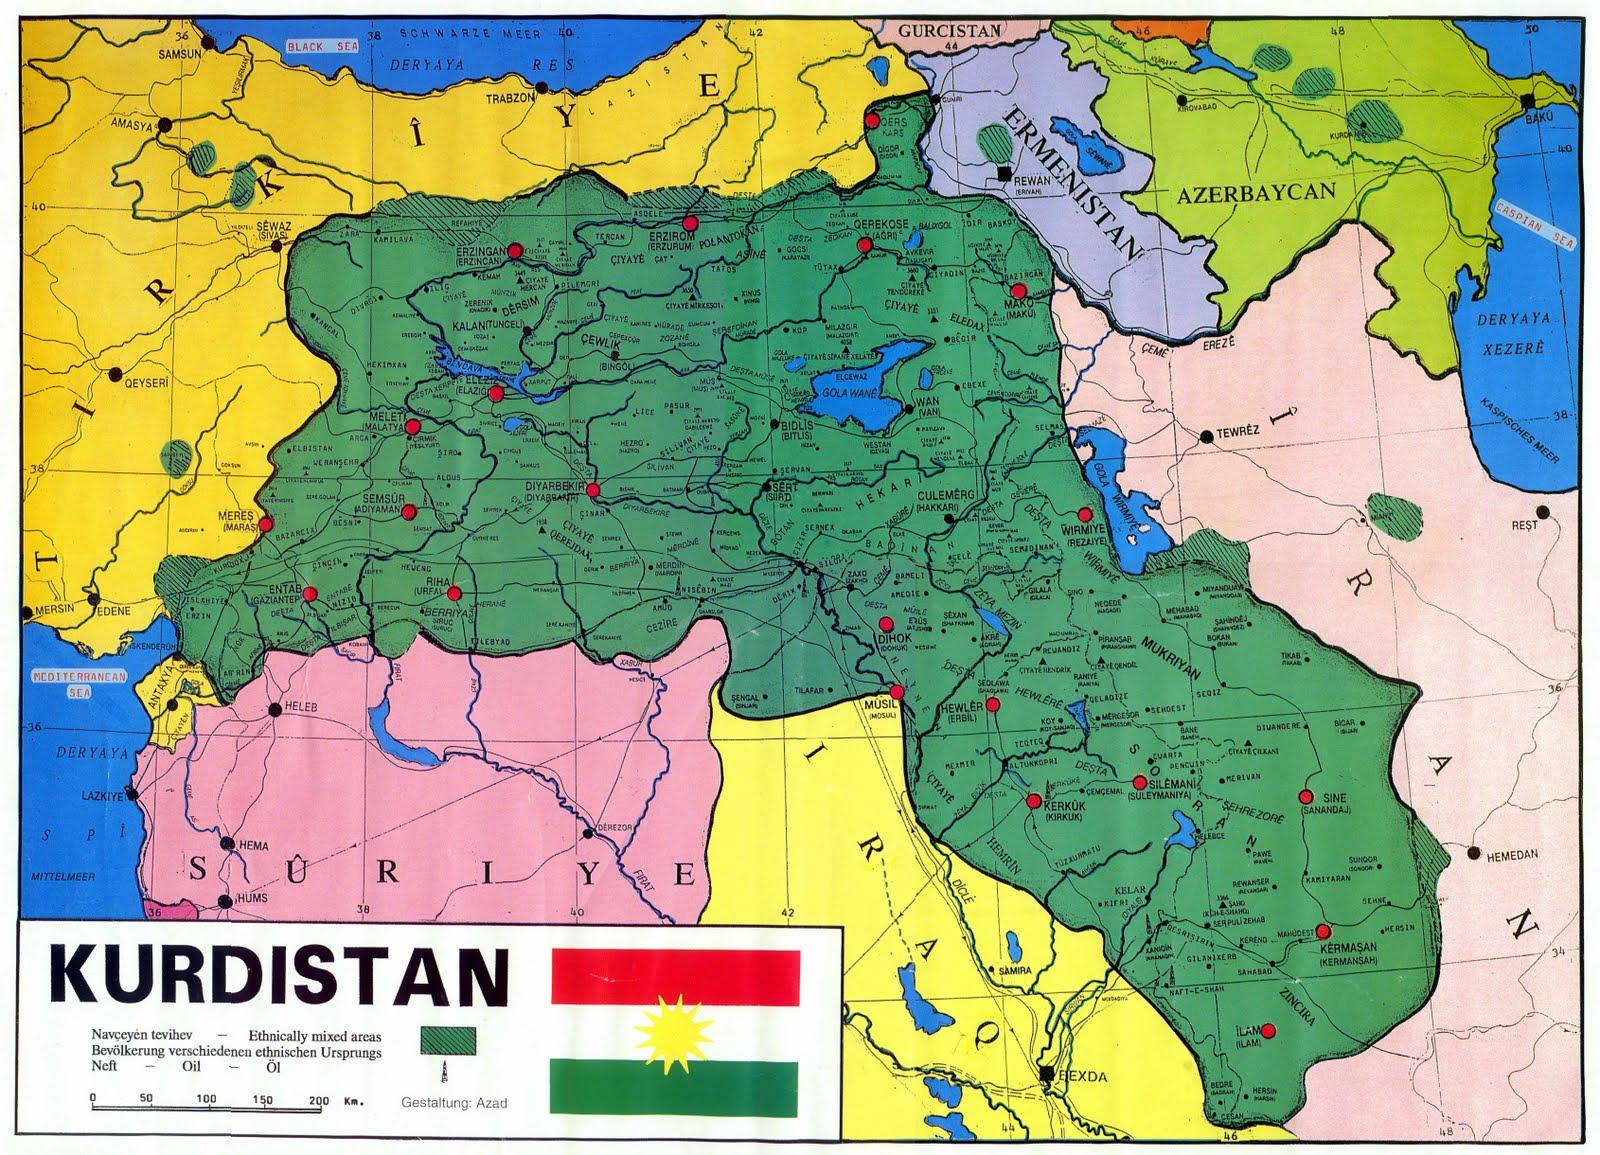 Αποτέλεσμα εικόνας για Το αδιέξοδο στις συνομιλίες για το Κυπριακό, το Κουρδιστάν και τα νερά του Ευφράτη